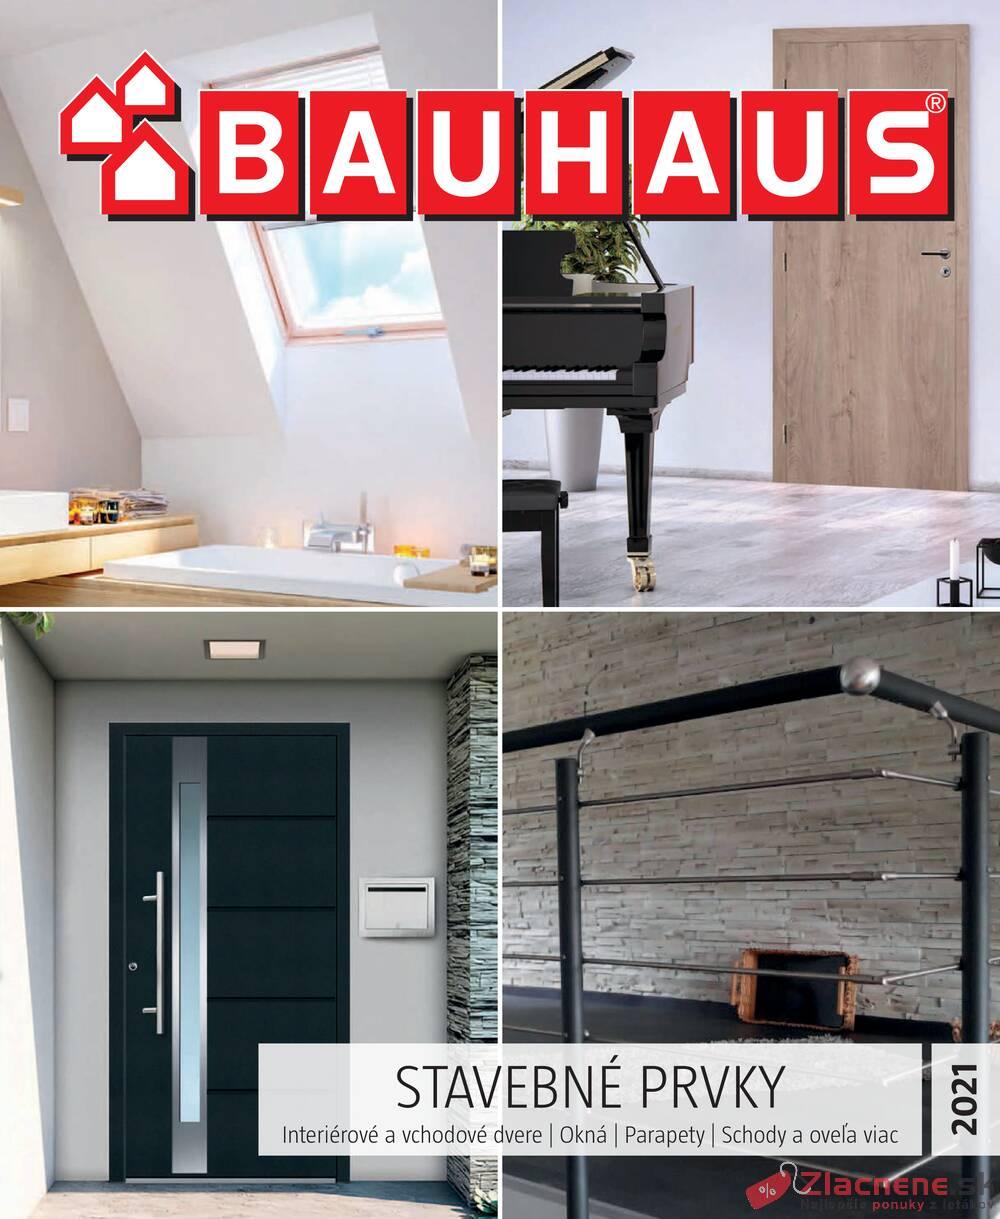 Leták Bauhaus - Bauhaus STAVEBNÉ PRVKY 28.6. - 30.9. - strana 1